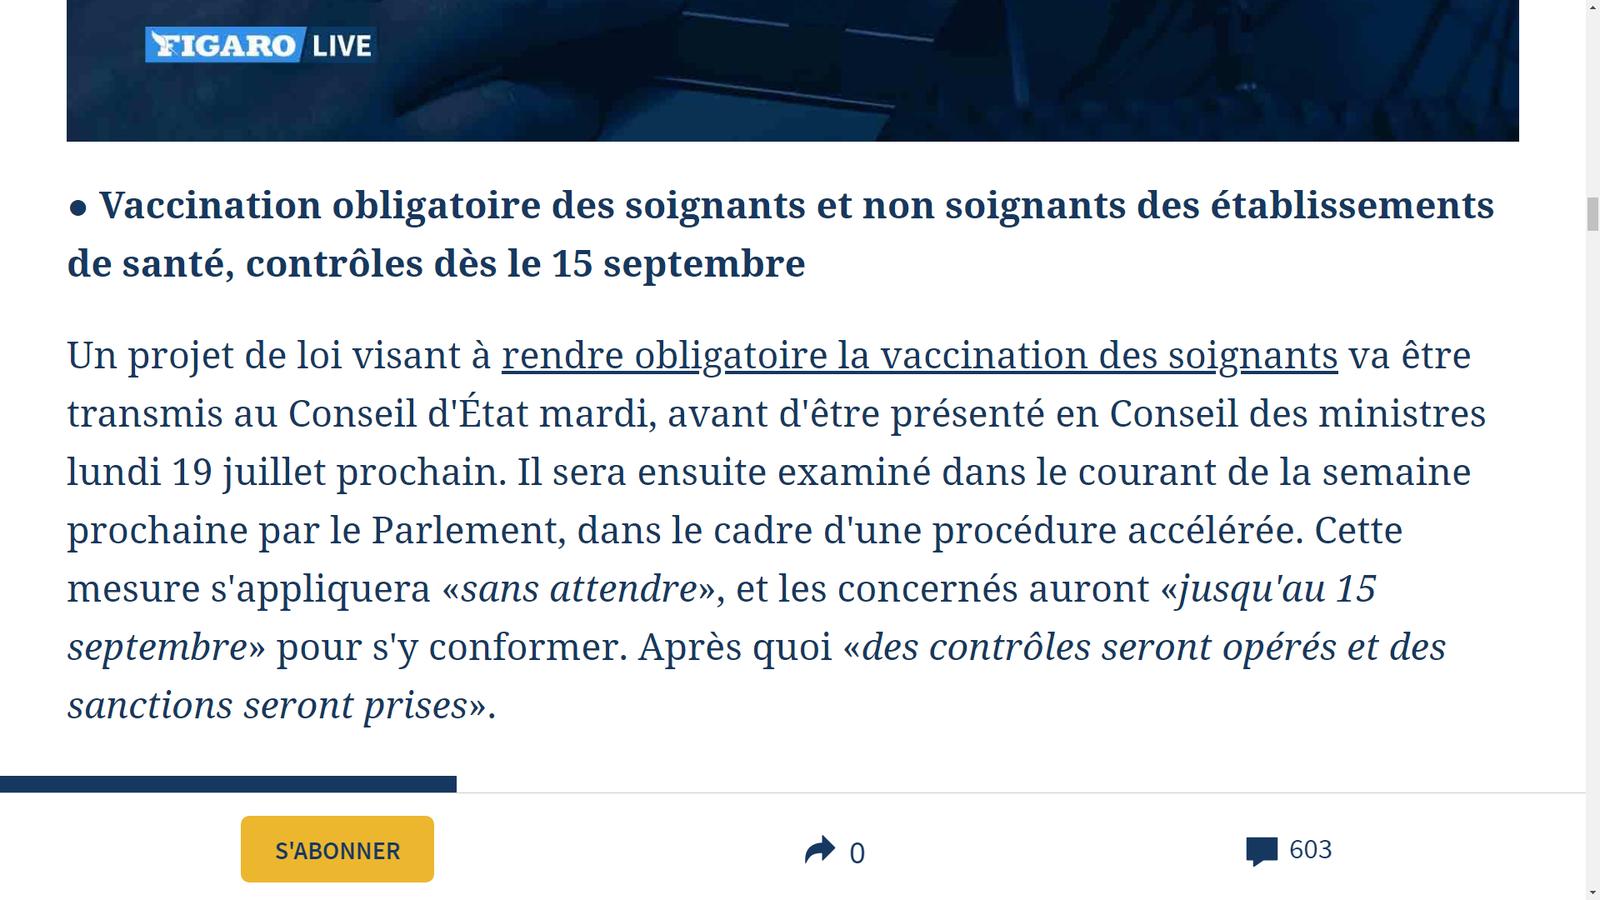 Source: https://www.lefigaro.fr/politique/covid-19-variant-delta-pass-sanitaire-vaccination-des-soignants-ce-qu-il-faut-retenir-des-annonces-de-macron-20210712